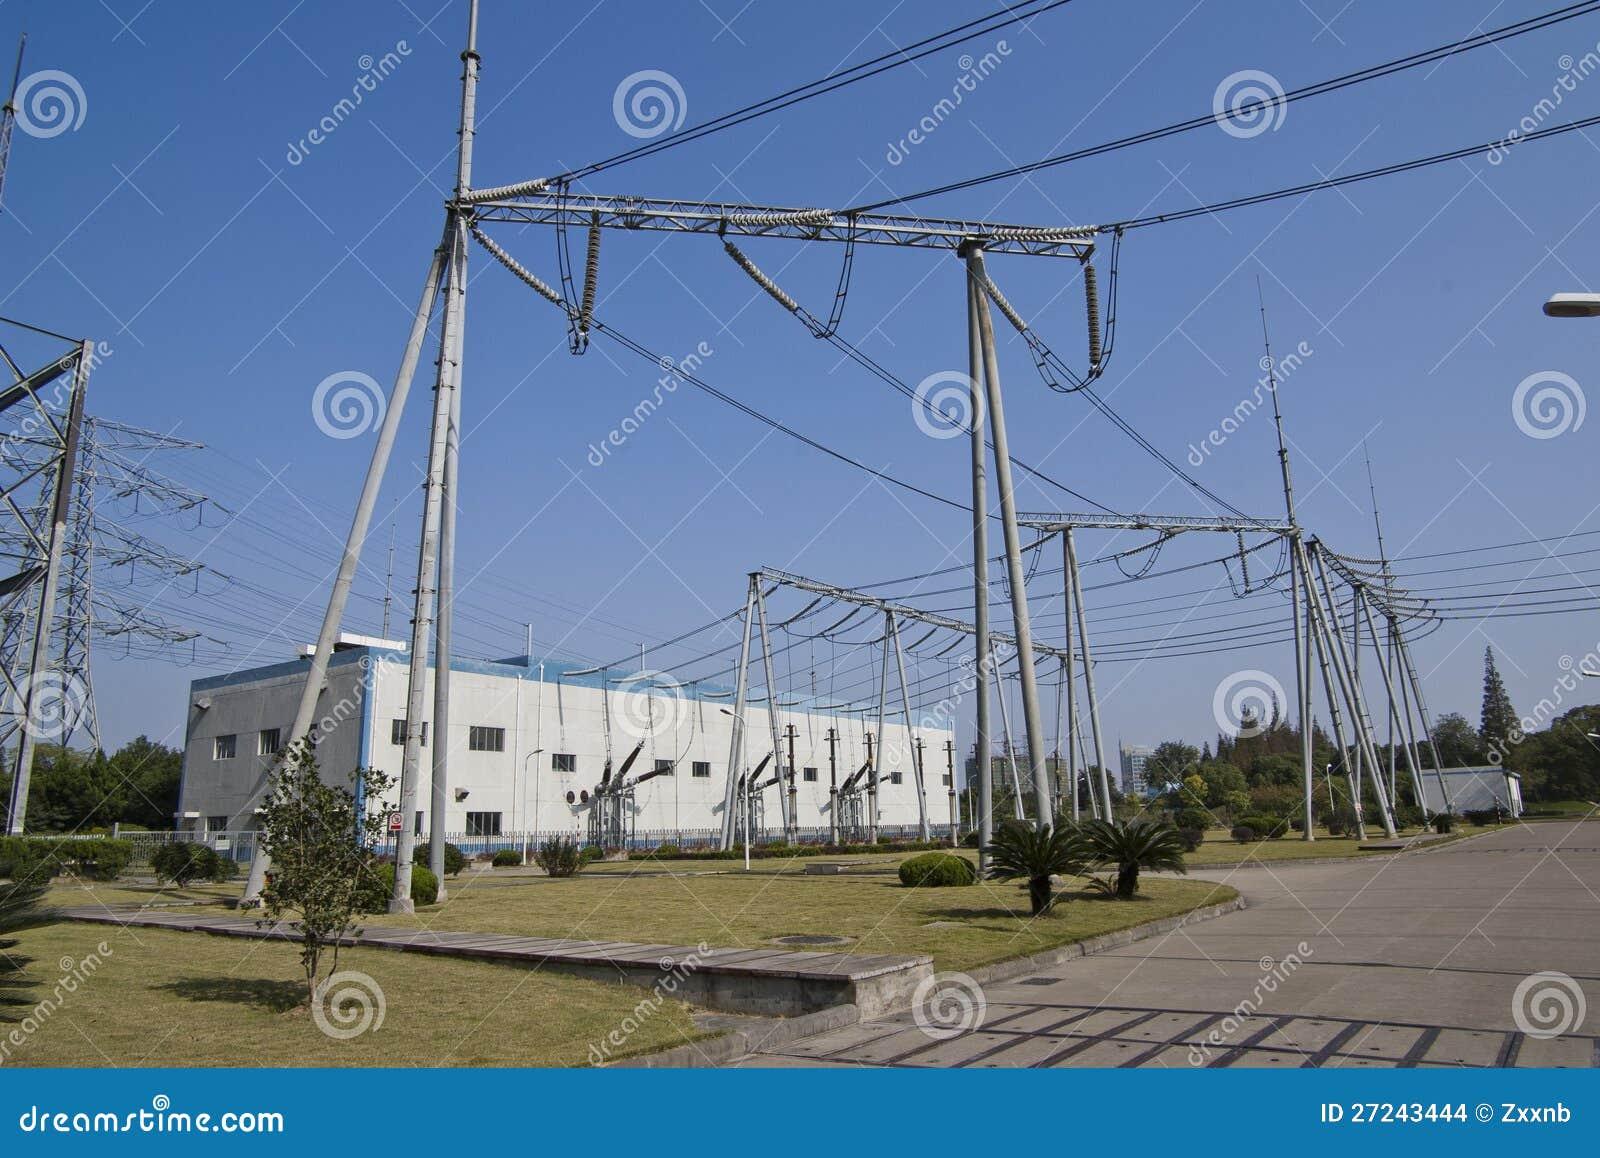 GIS substation stock photo  Image of steel, transmission